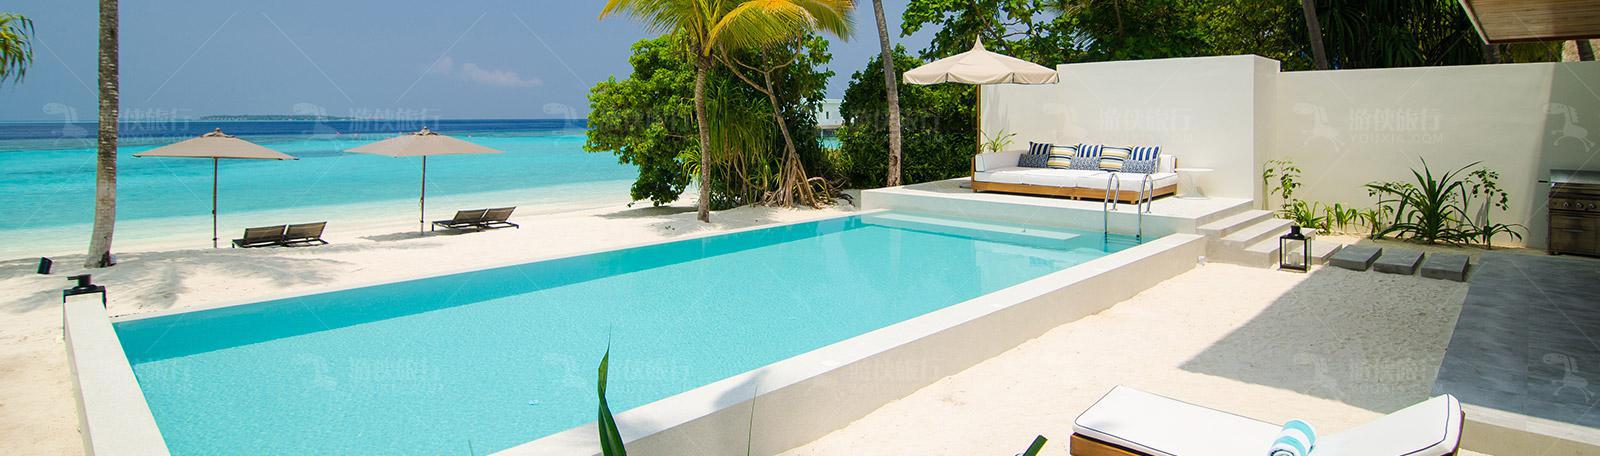 阿米拉私人泳池